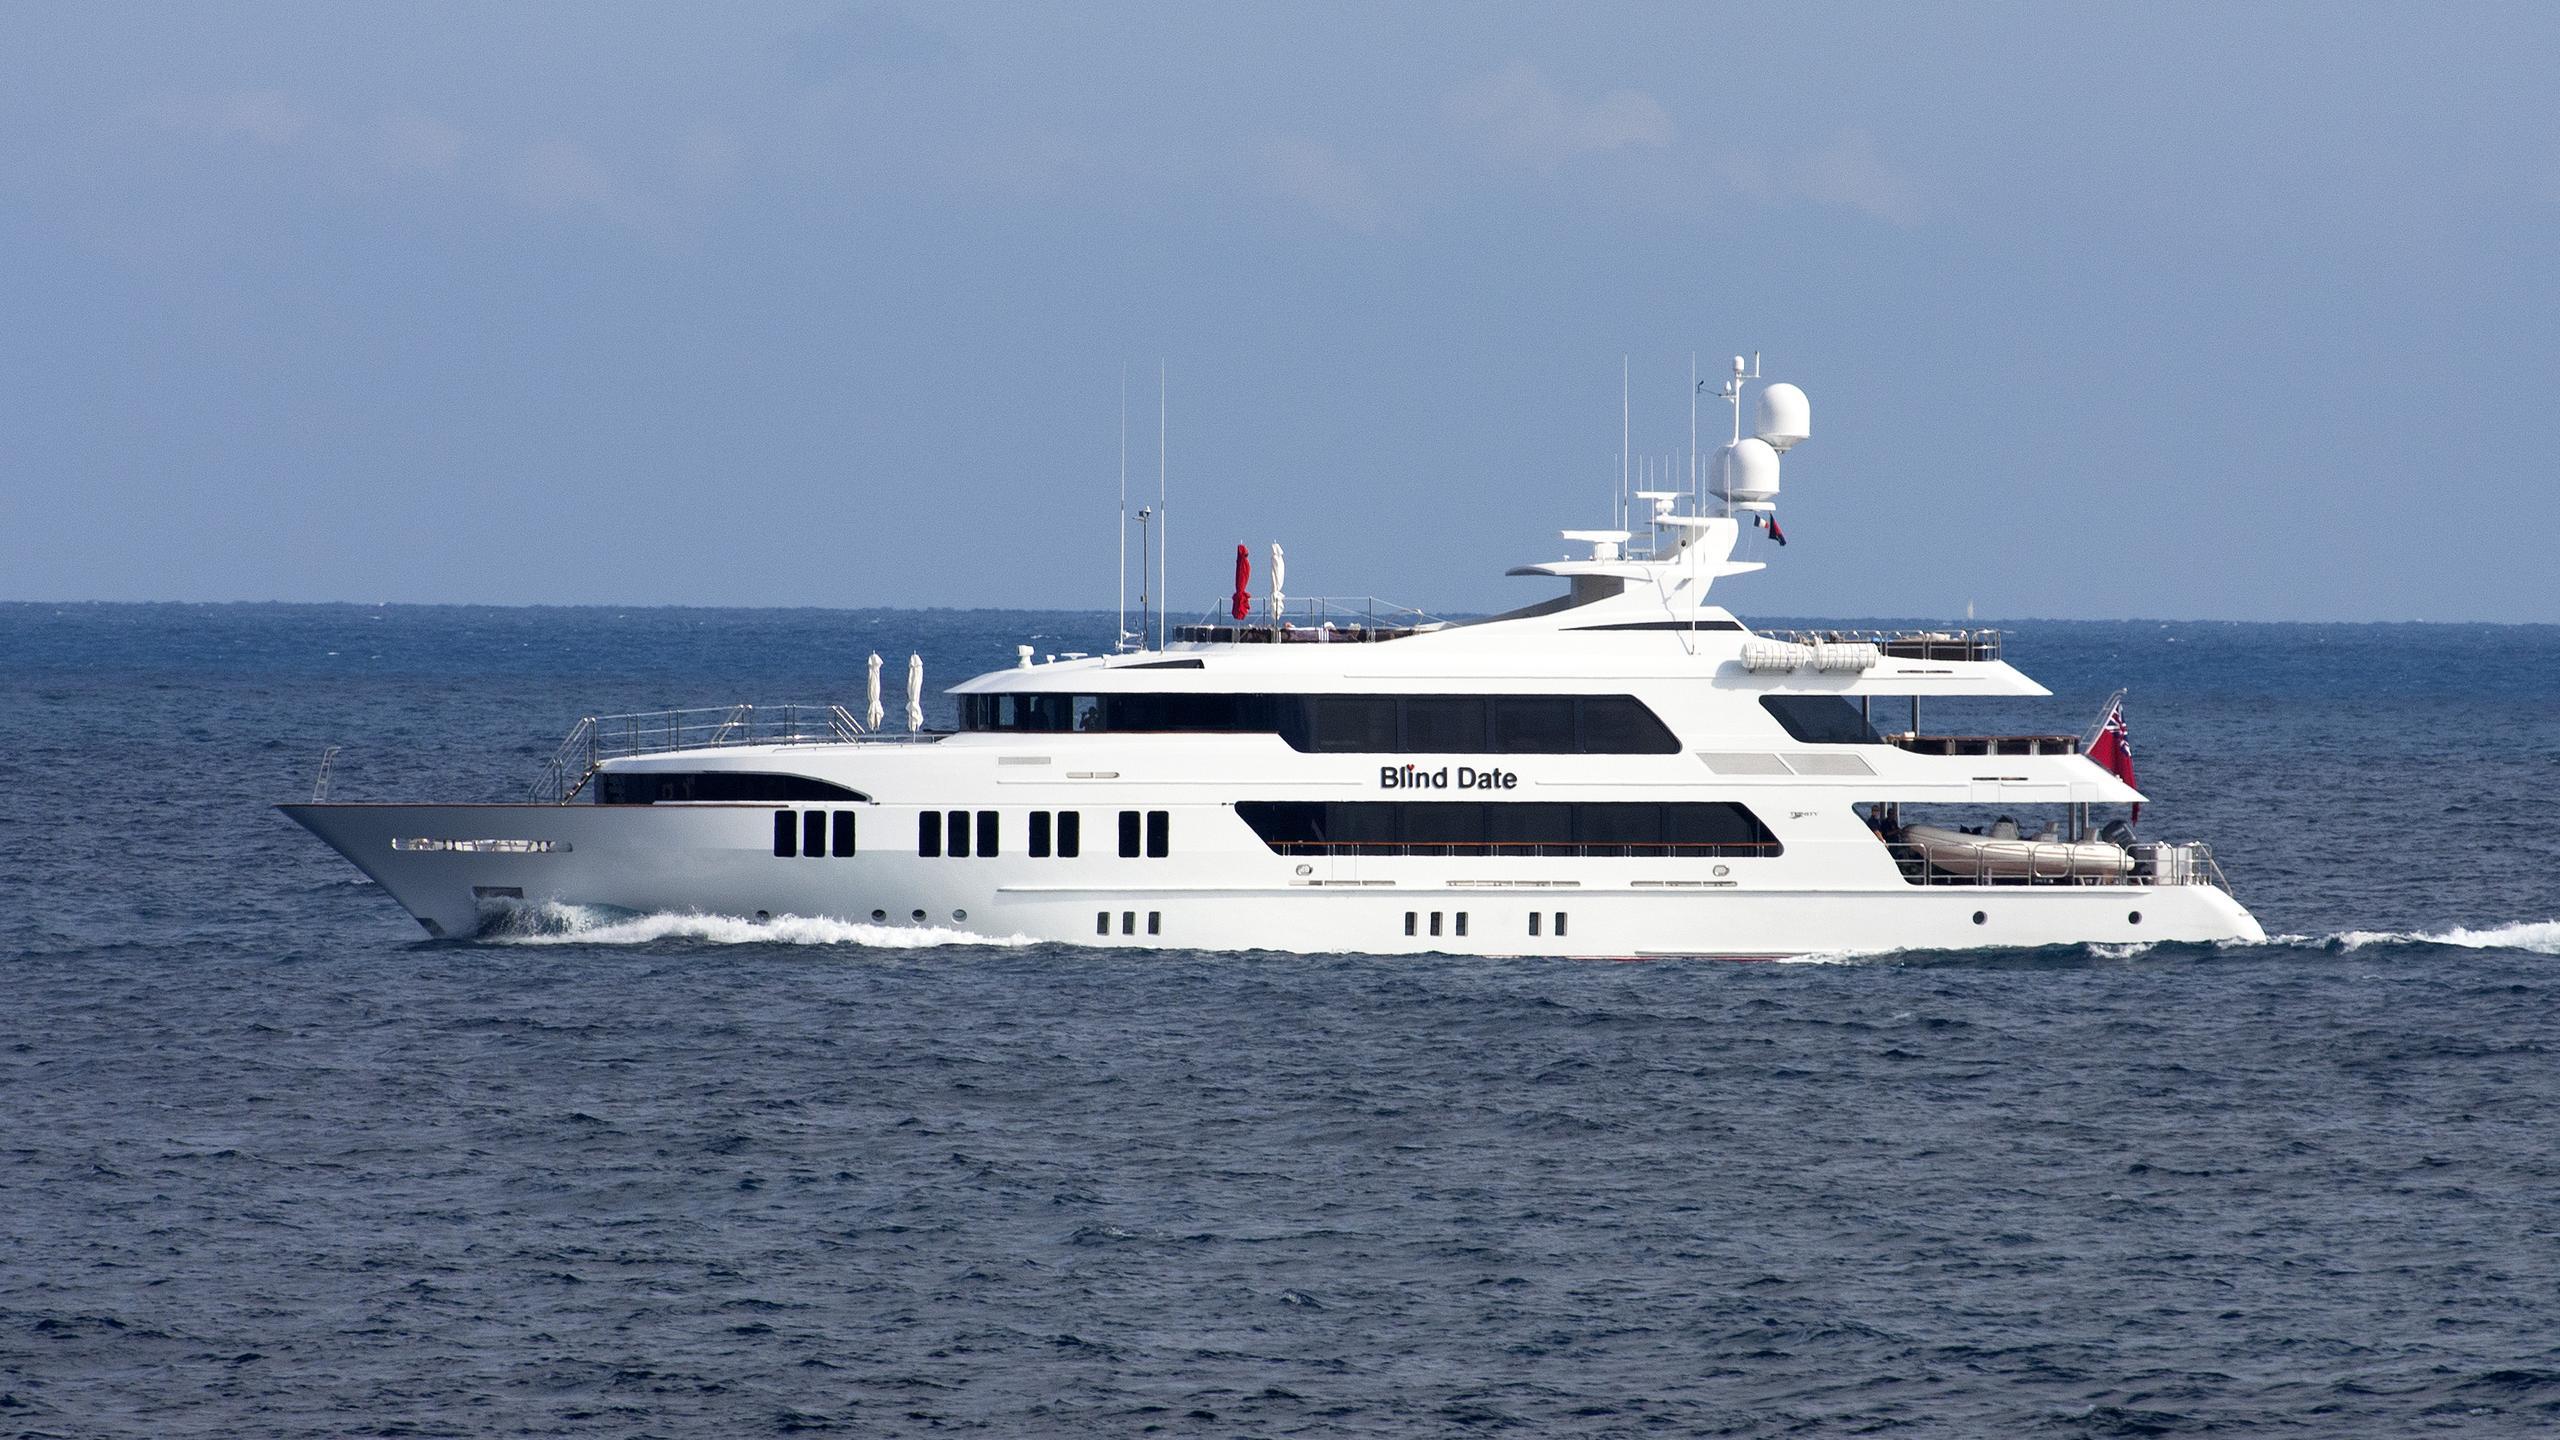 ocean-club-rockstar-motor-yacht-trinity-161-2009-49m-profile